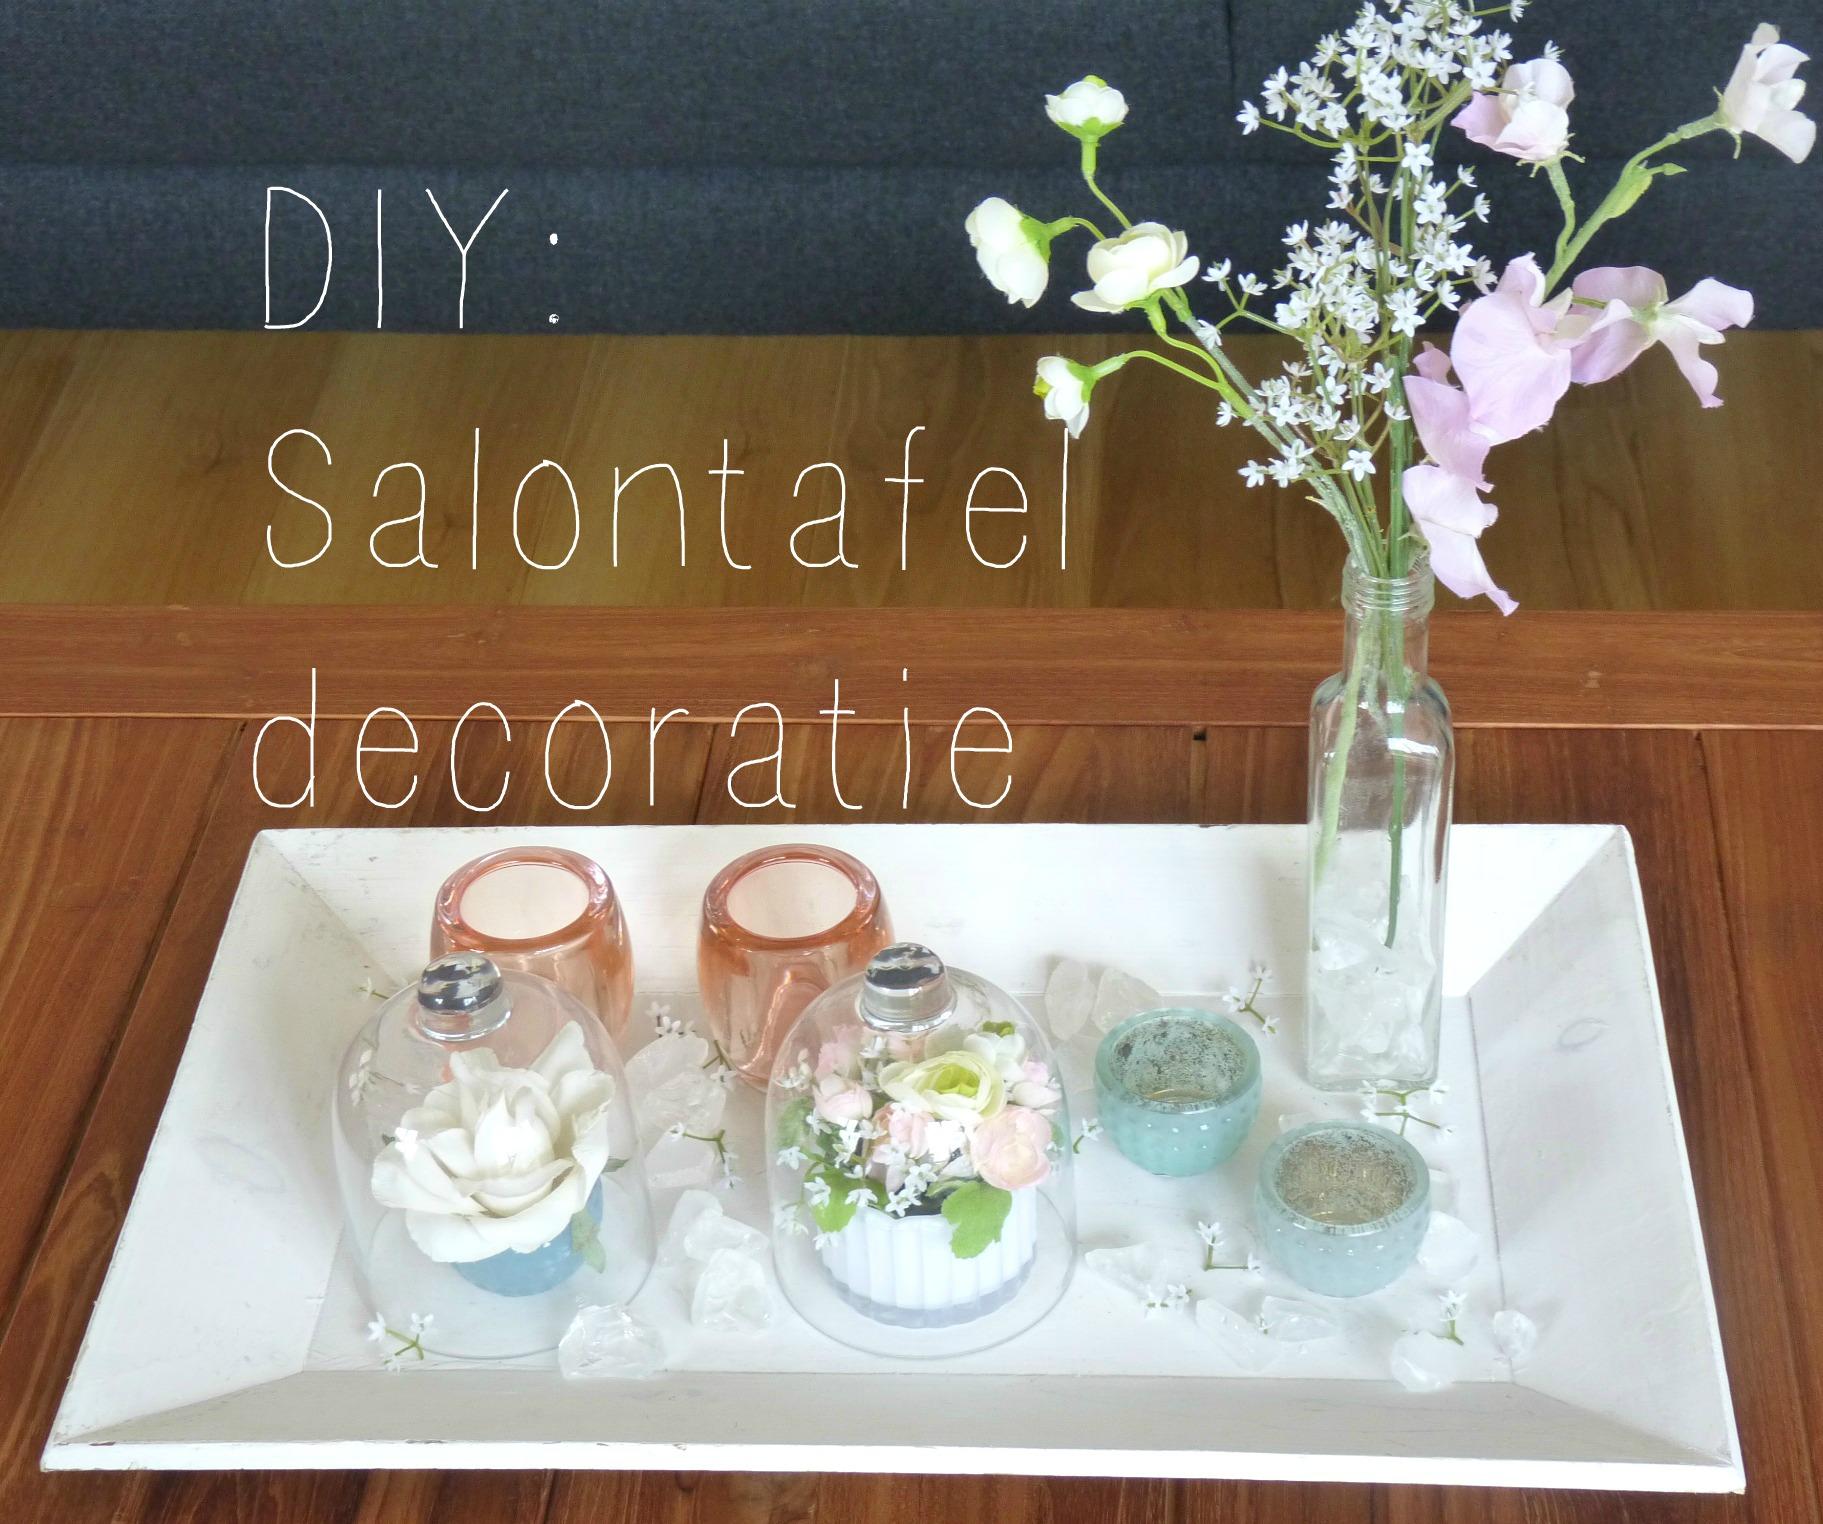 DIY Salontafel decoratie